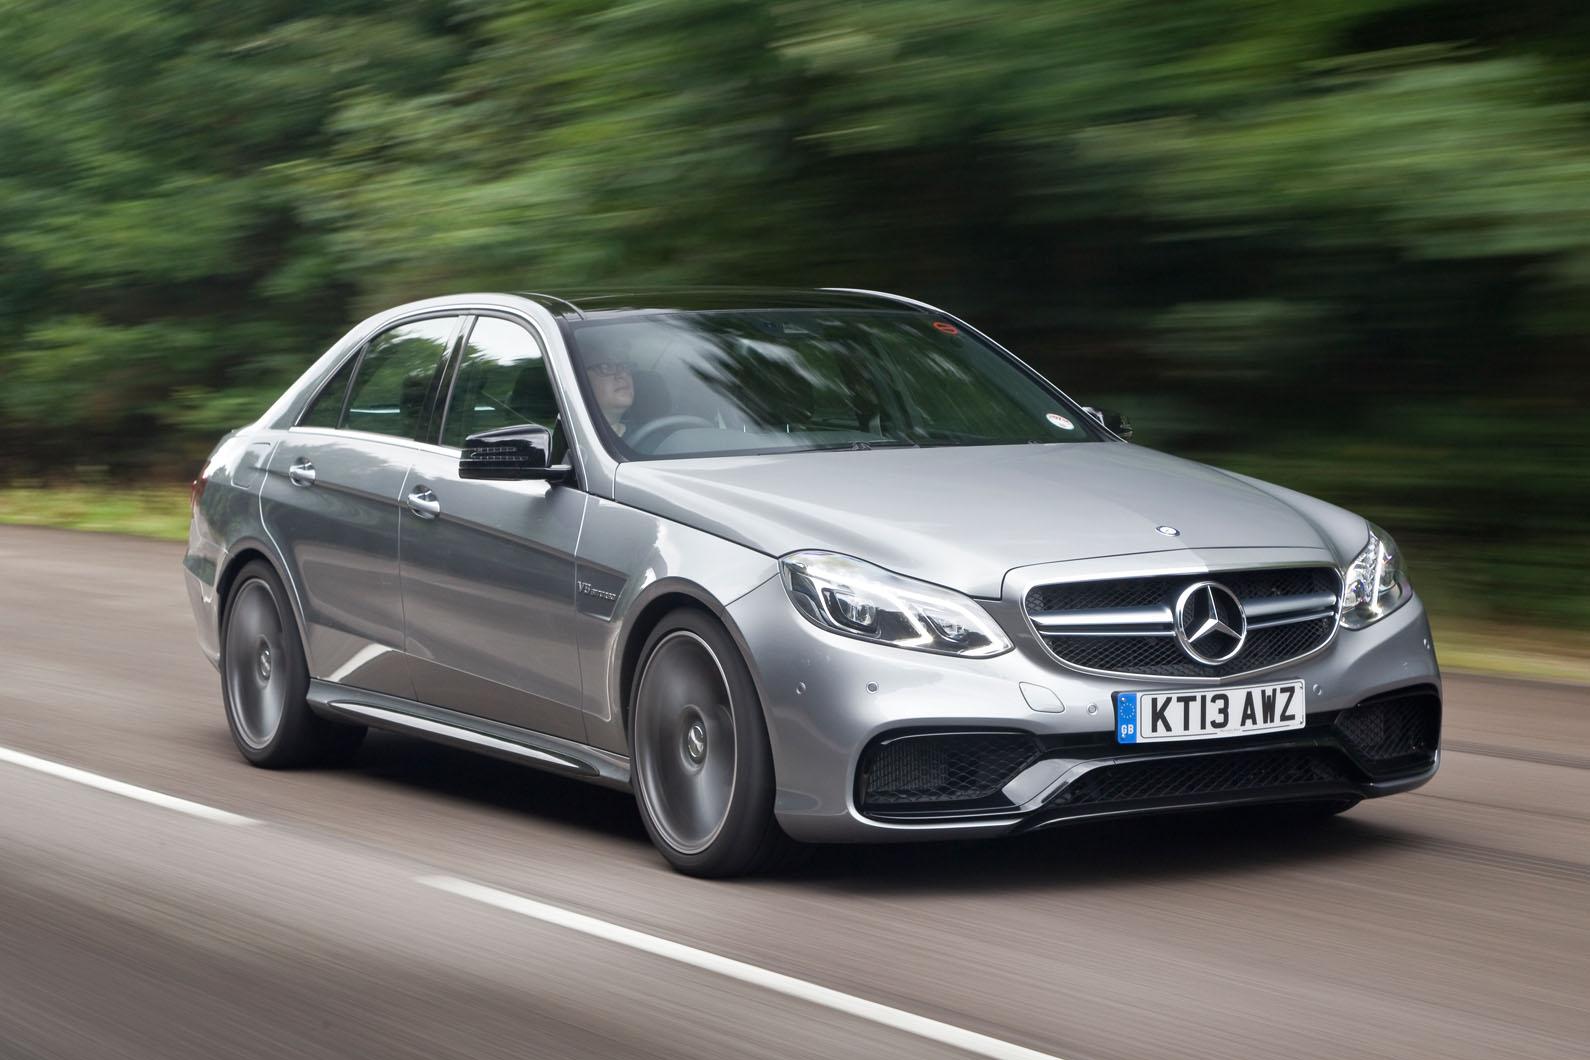 Mercedes benz e63 amg review autocar for 2013 mercedes benz e63 amg review